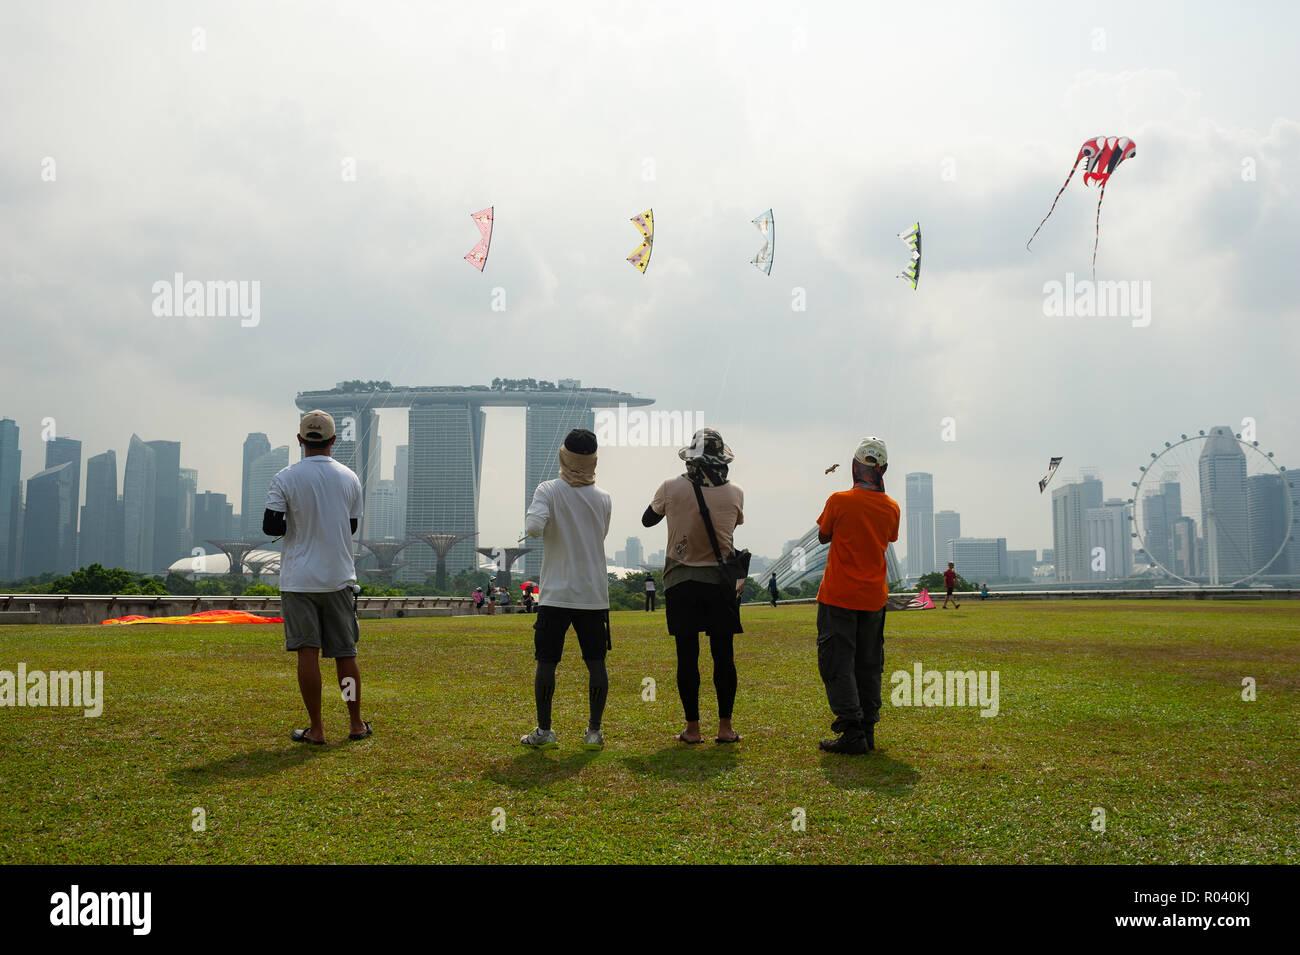 Singapore, Republic of Singapore, flying kites - Stock Image